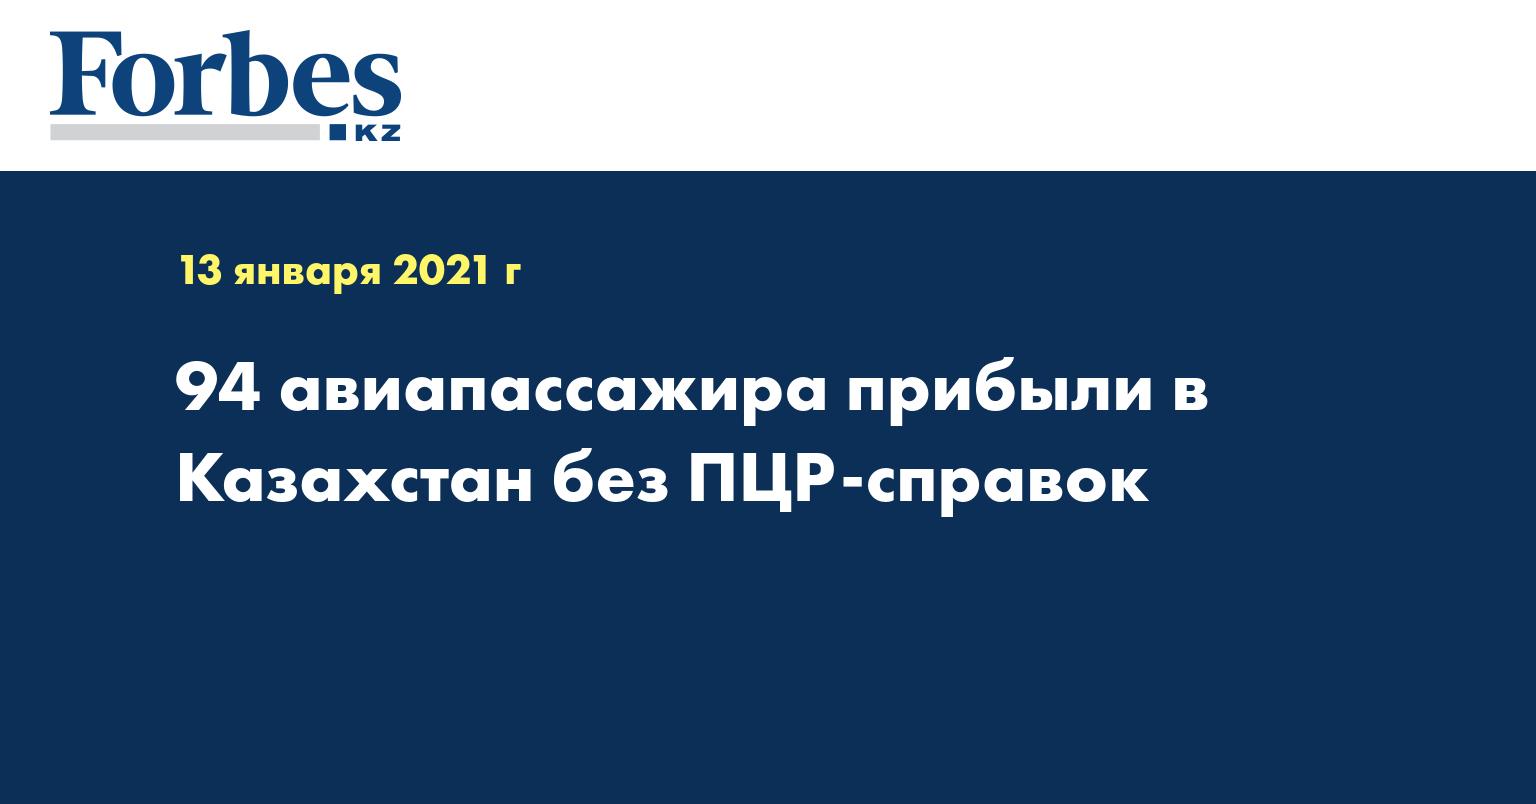 94 авиапассажира прибыли в Казахстан без ПЦР-справок